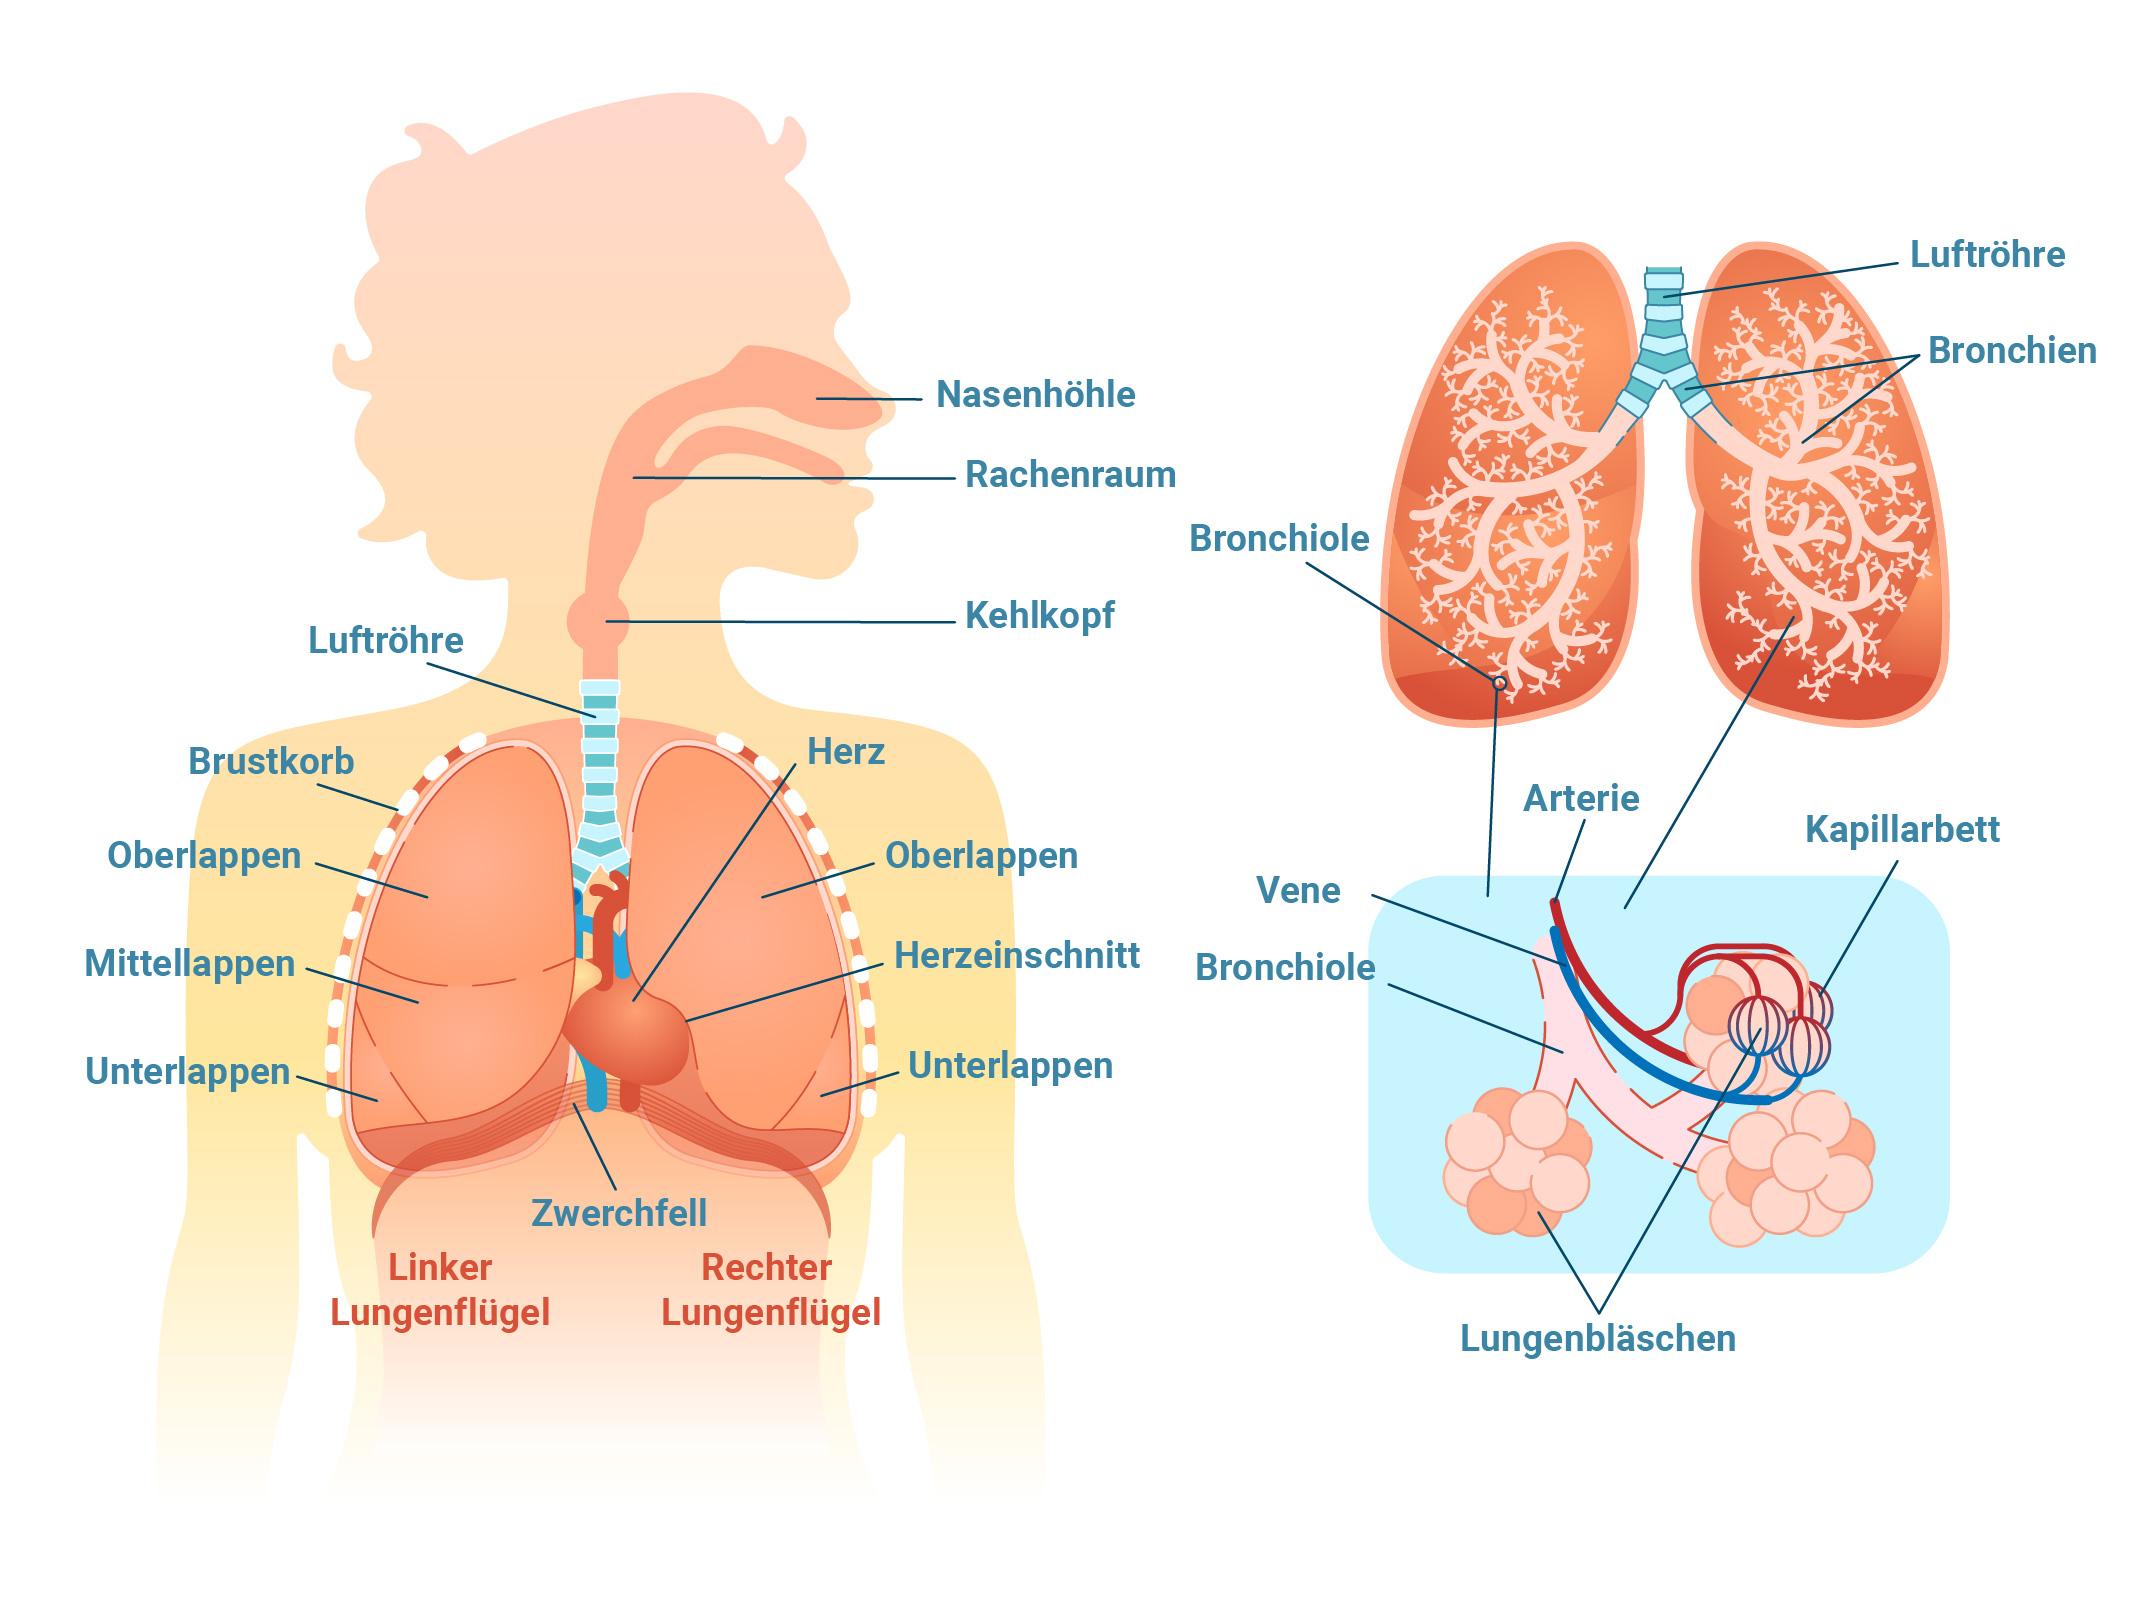 Anatomische Grafik der an der äußeren Atmung beteiligten Organe und Körperteile